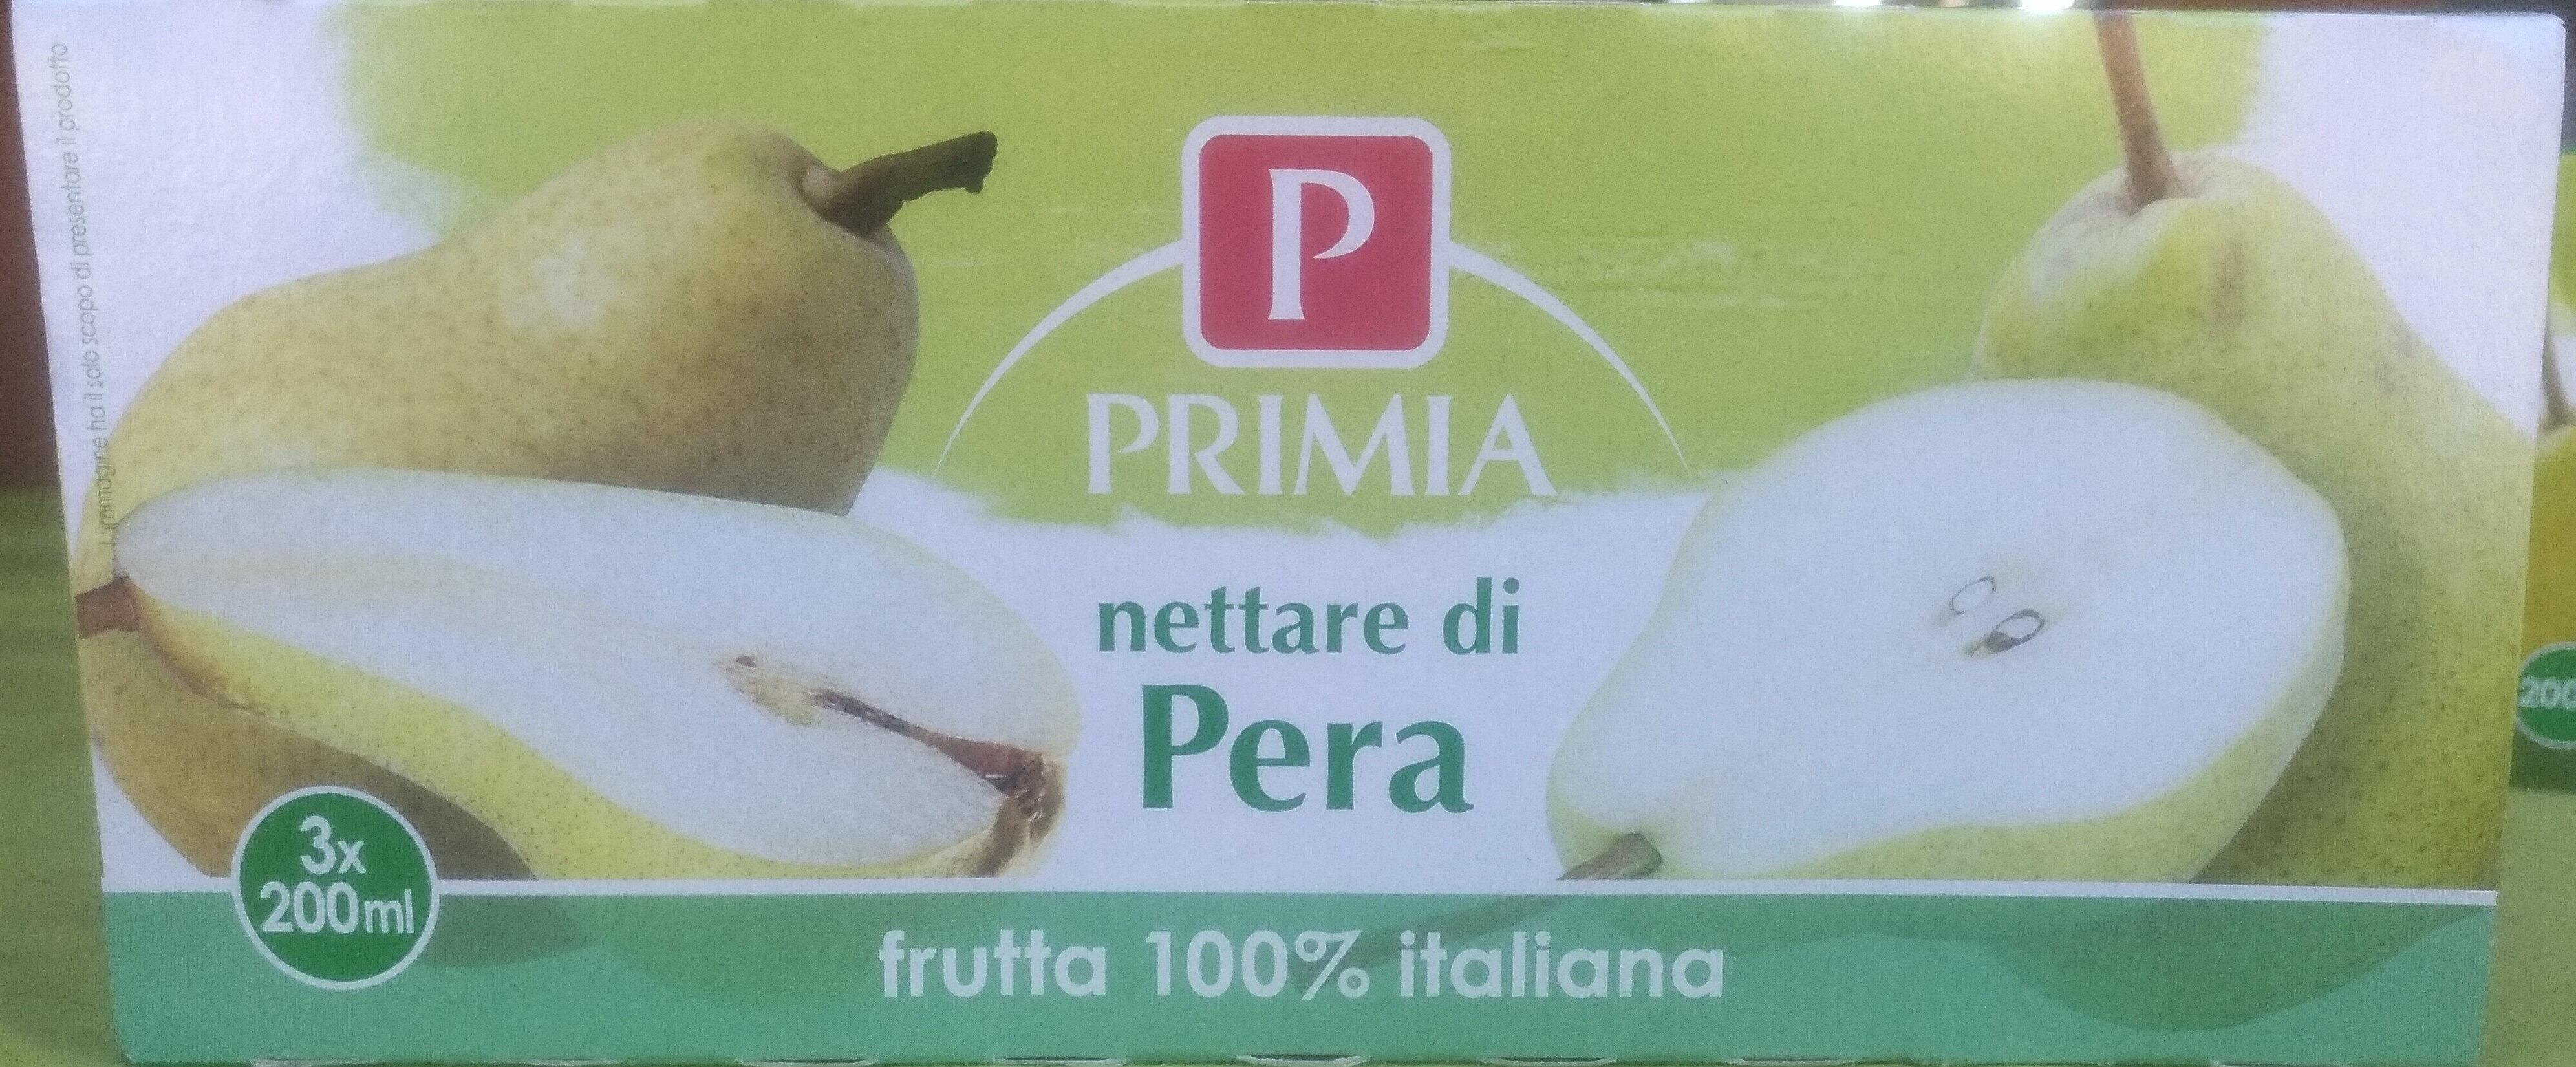 Nettare di pera - Prodotto - it